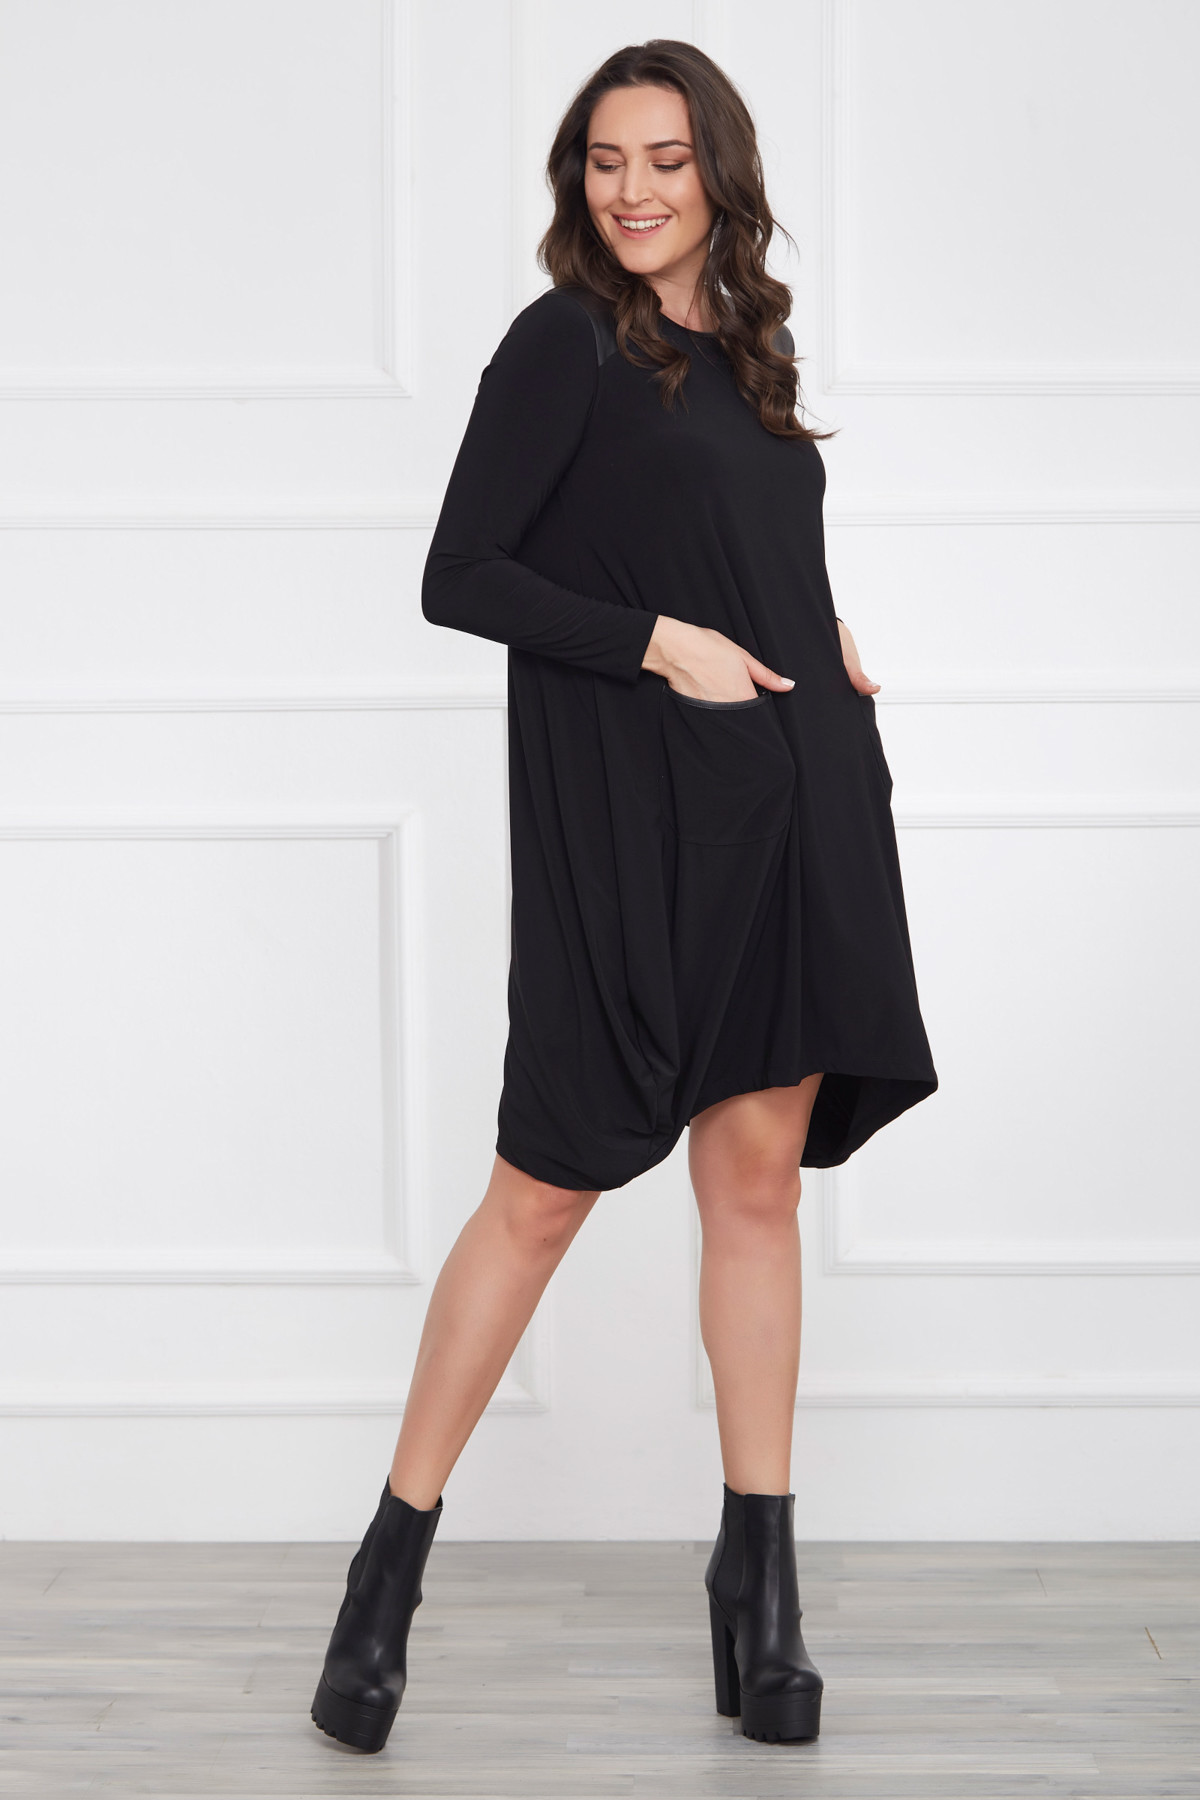 Laranor Kadın Siyah Deri Detaylı Asimetrik Kesim Elbise 17LB9023 1